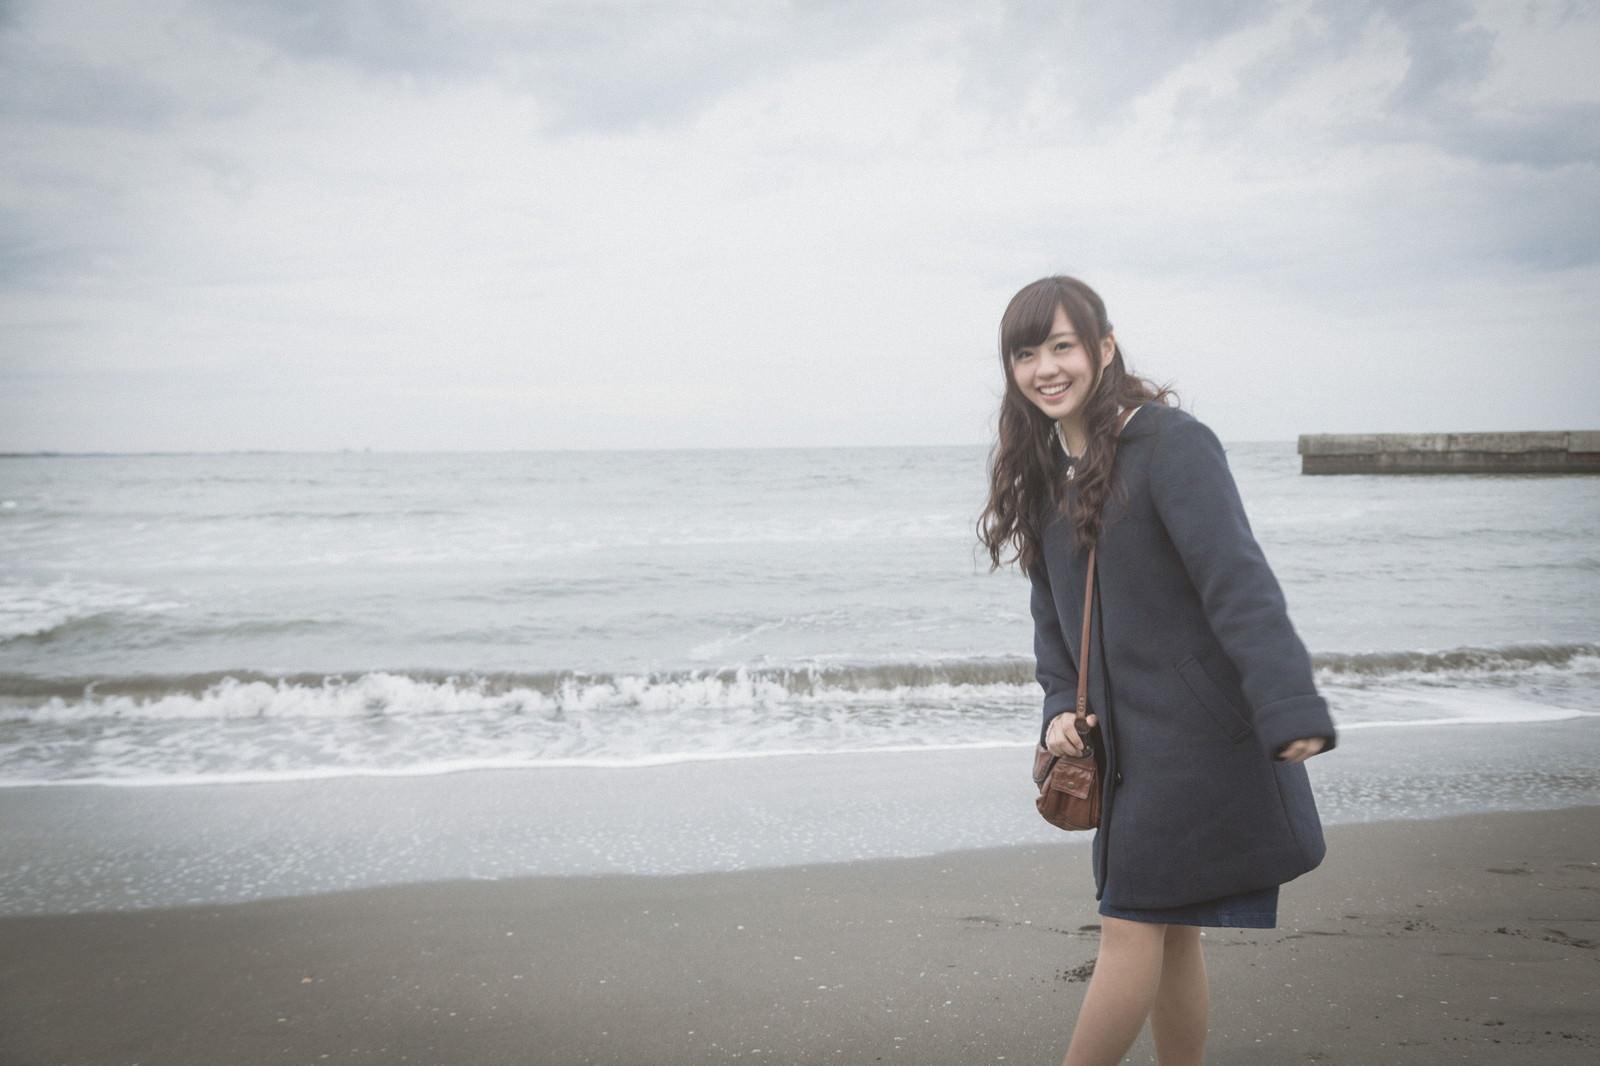 「彼女と冬の海デート」の写真[モデル:河村友歌]